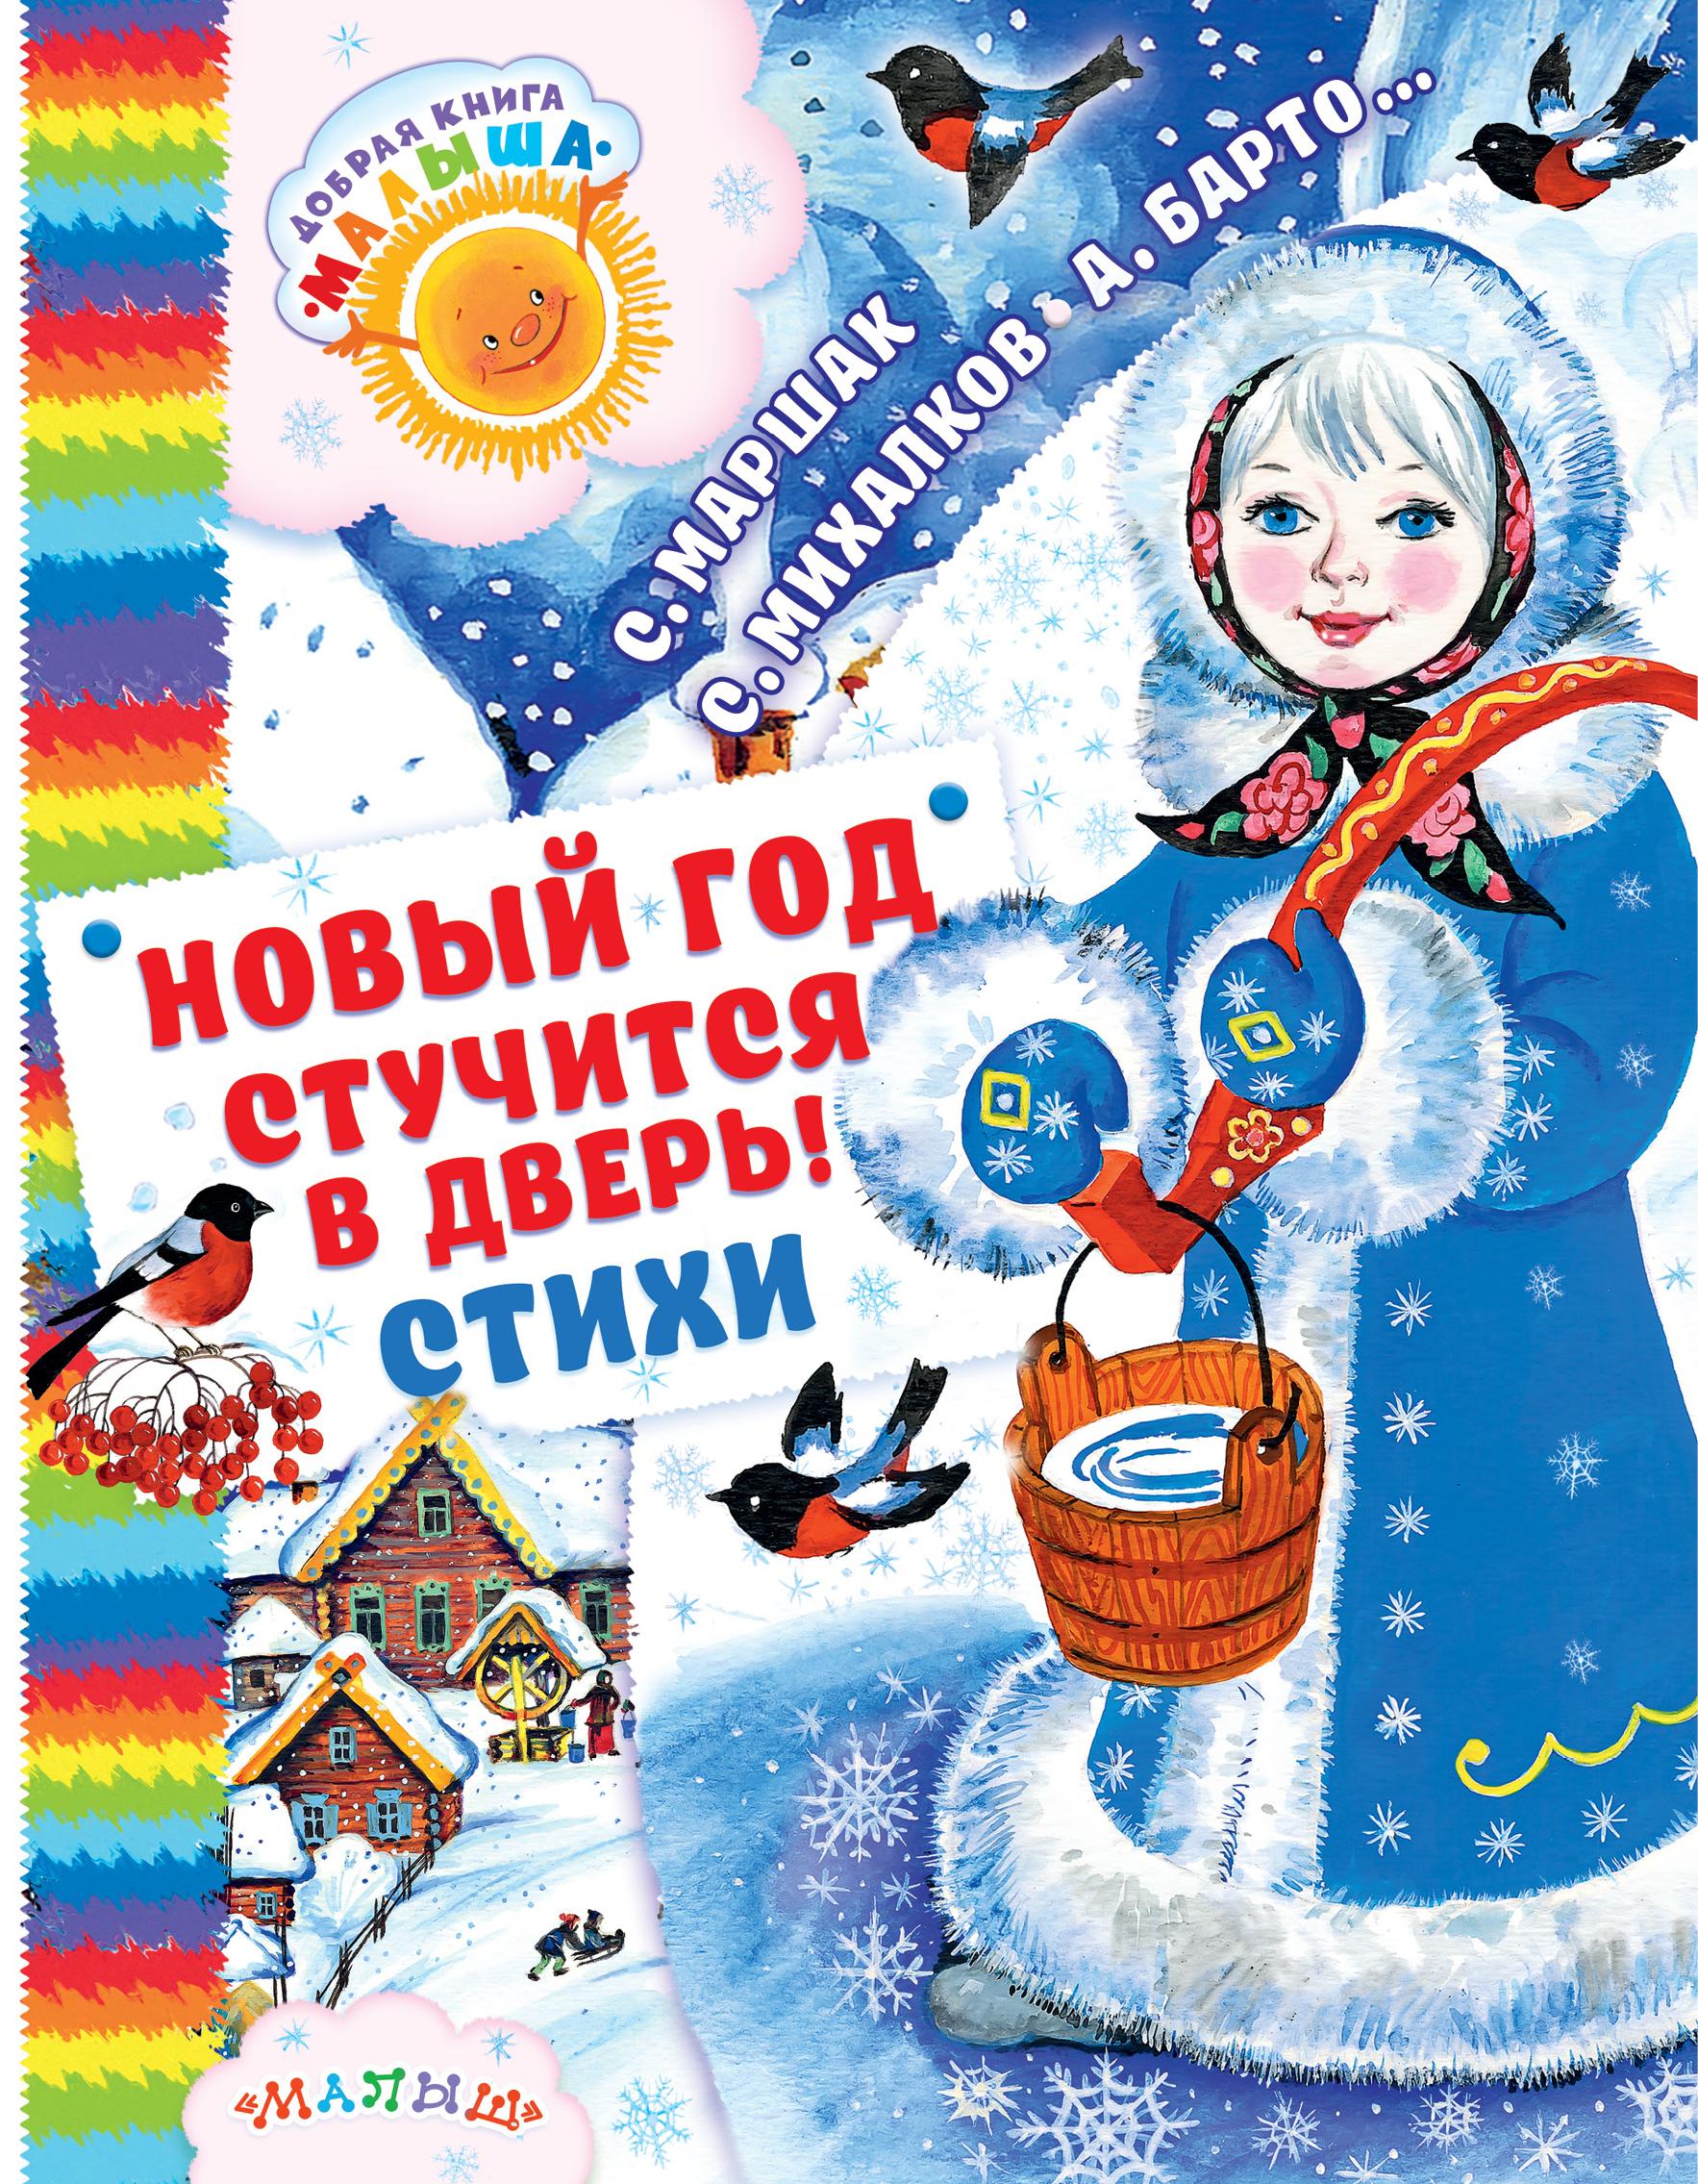 С. Маршак, С. Михалков, А. Барто и другие Новый год стучится в дверь! Стихи маршак с михалков с барто а стихи детских поэтов